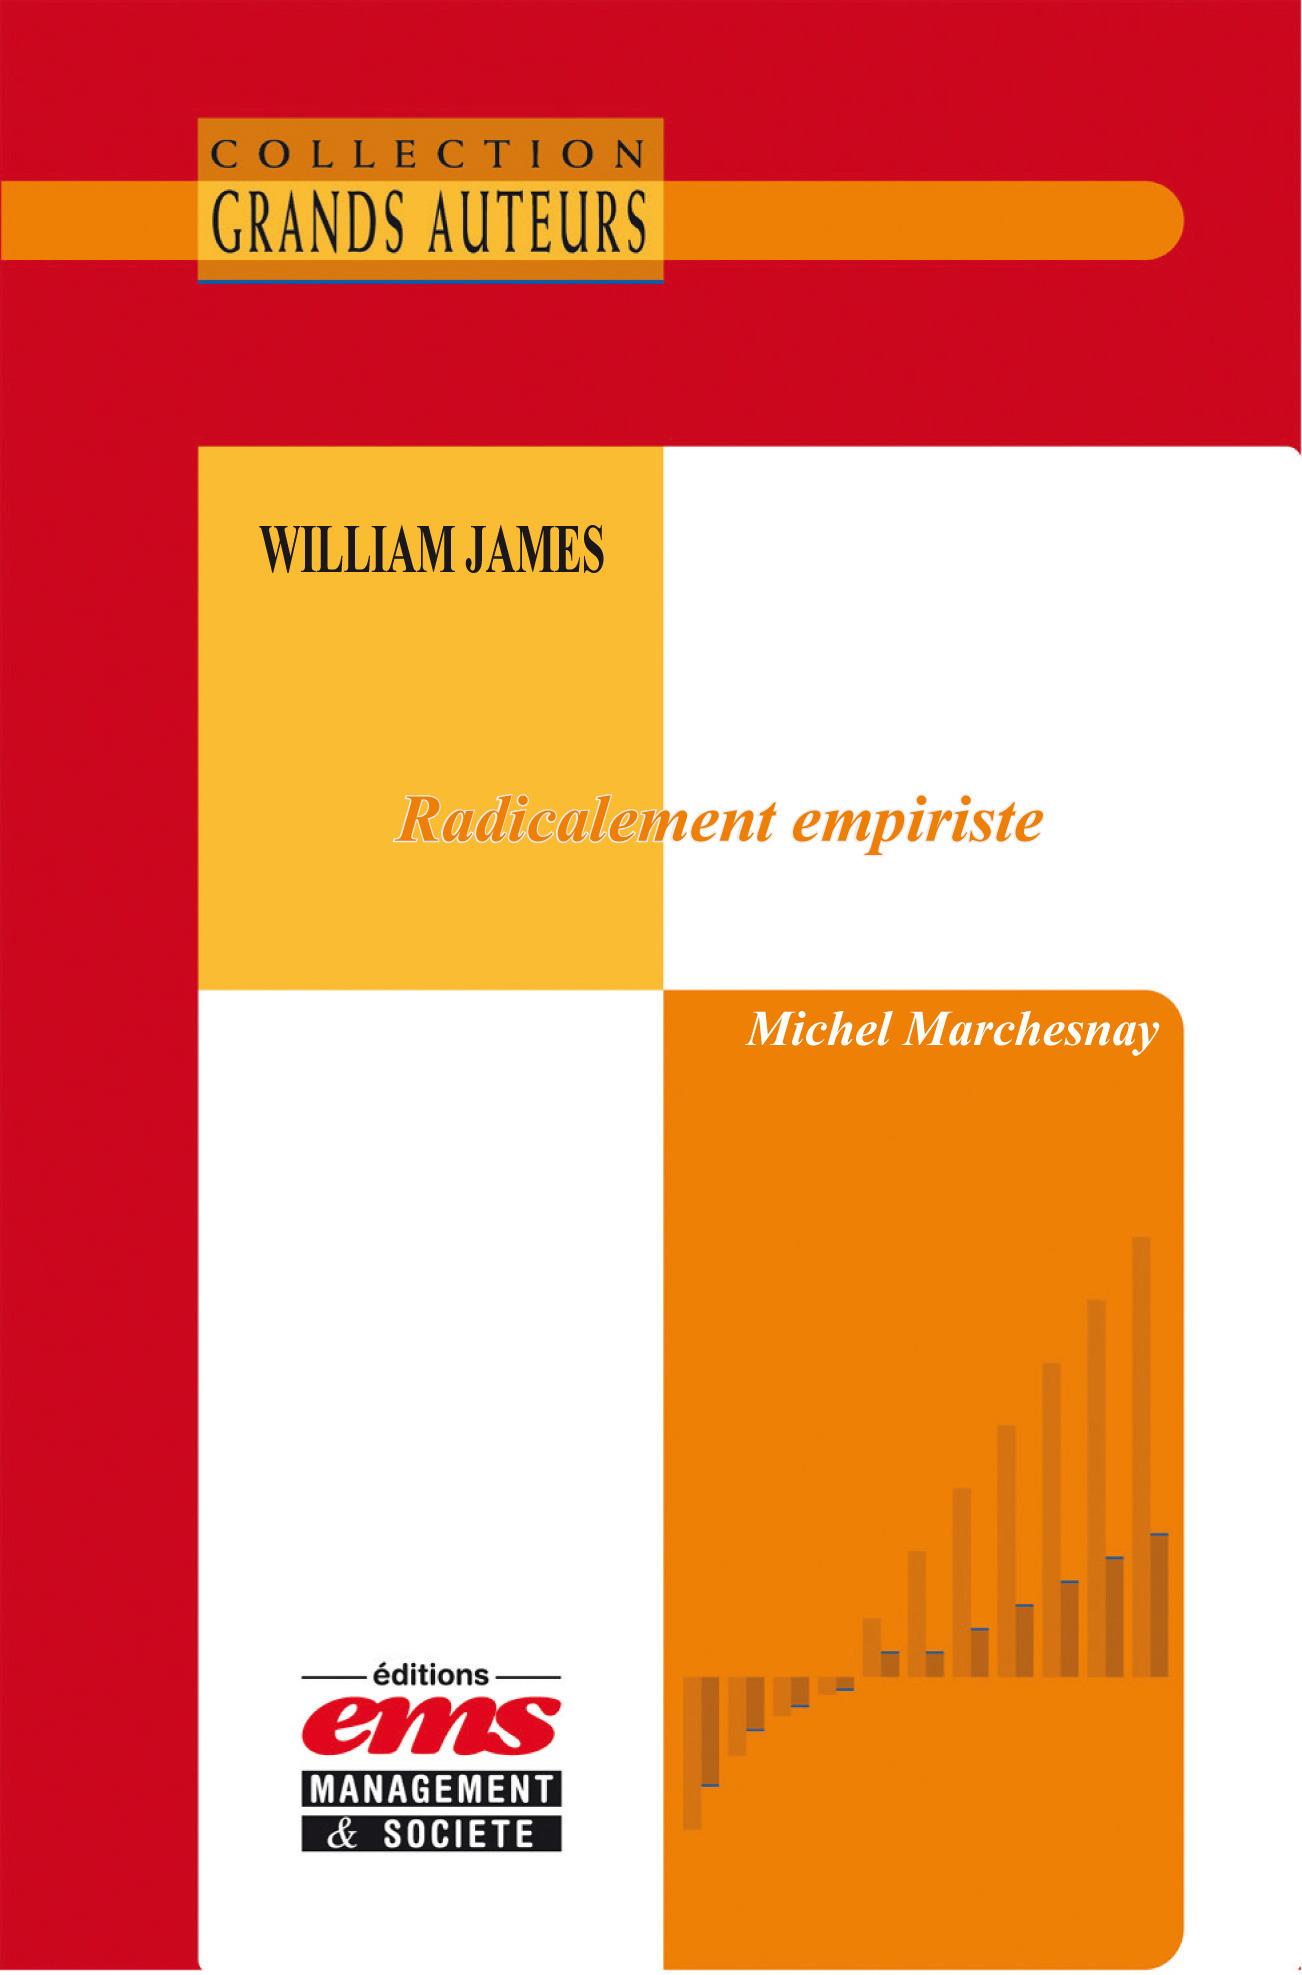 William James - Radicalement empiriste